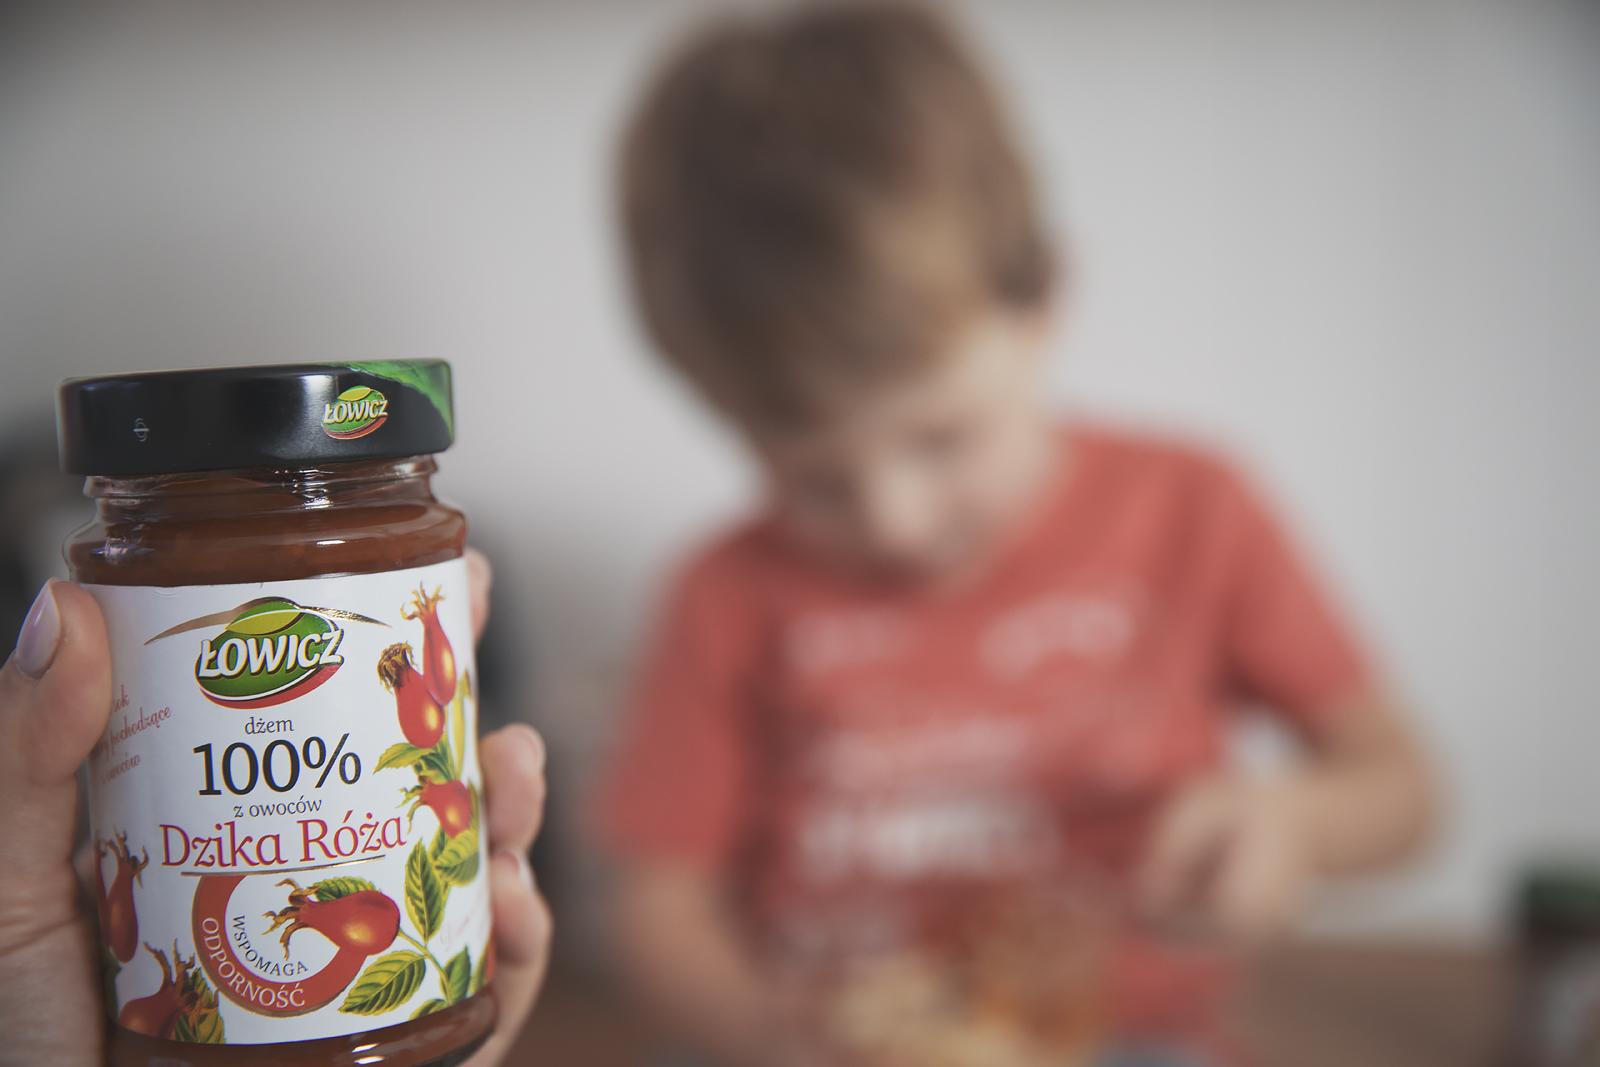 lowicz-deser-na-sniadanie-najlepszy-blog-parentingowy20